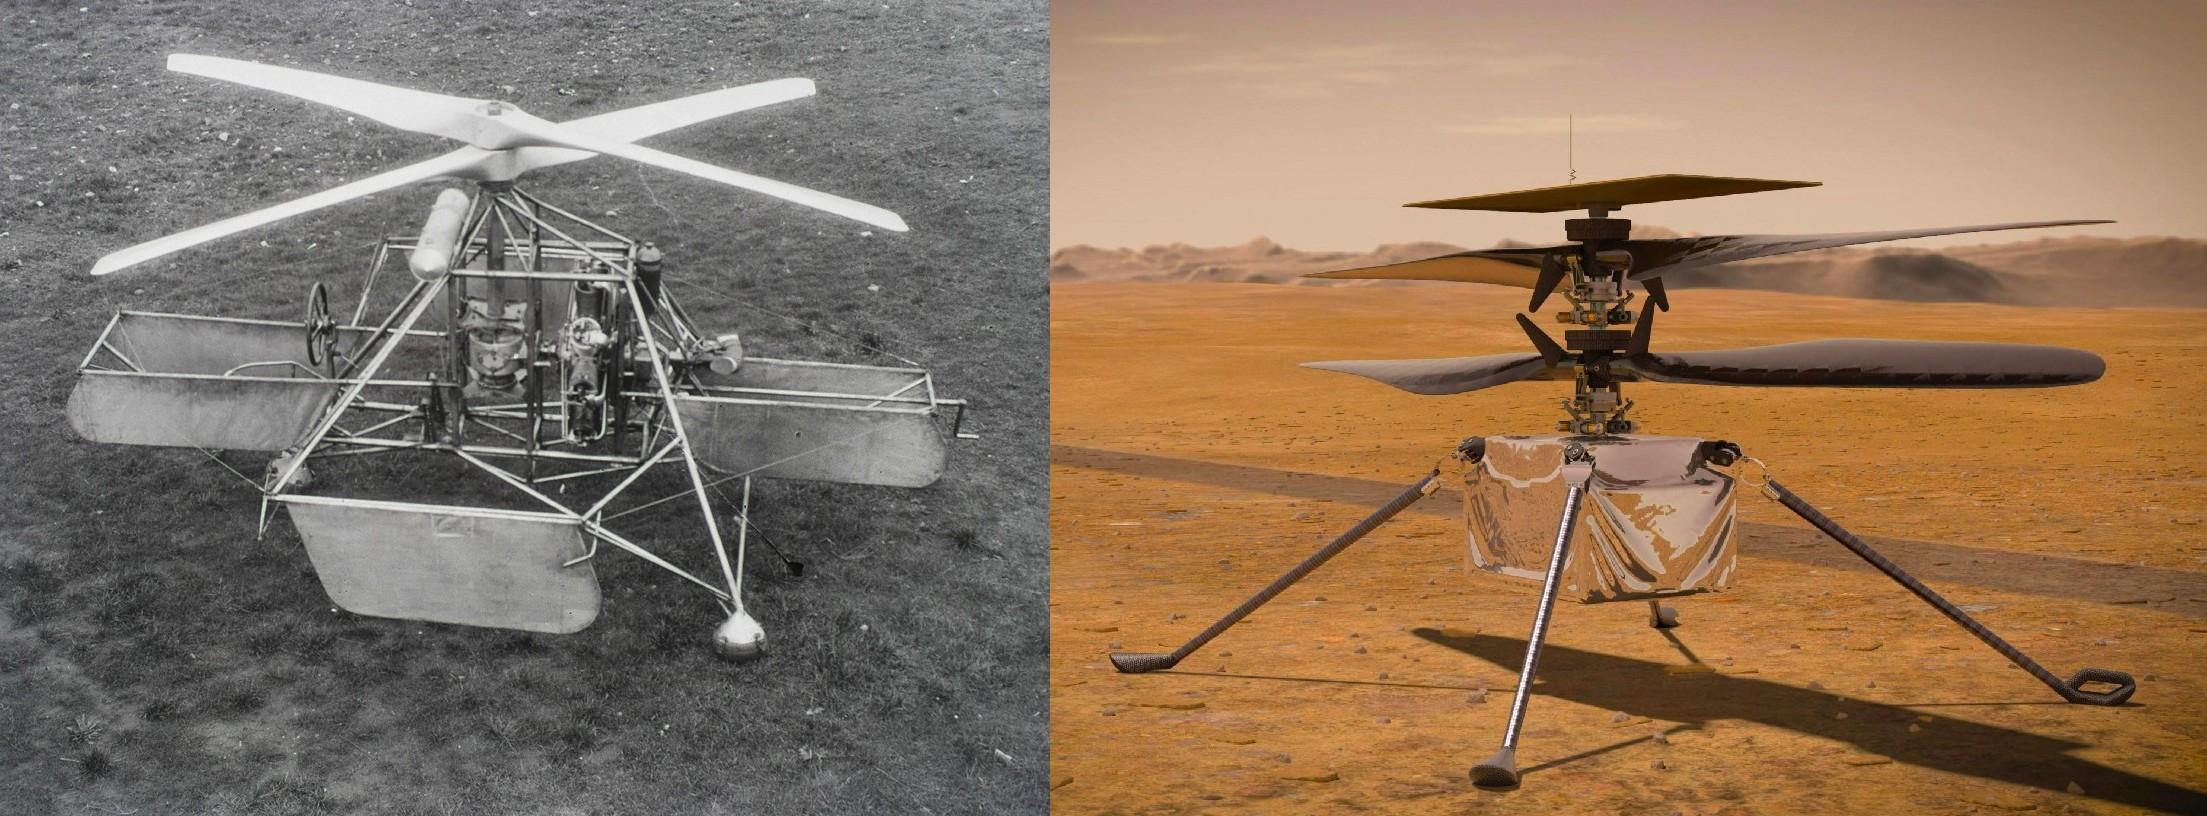 asboth_vs_ingenuity.jpg